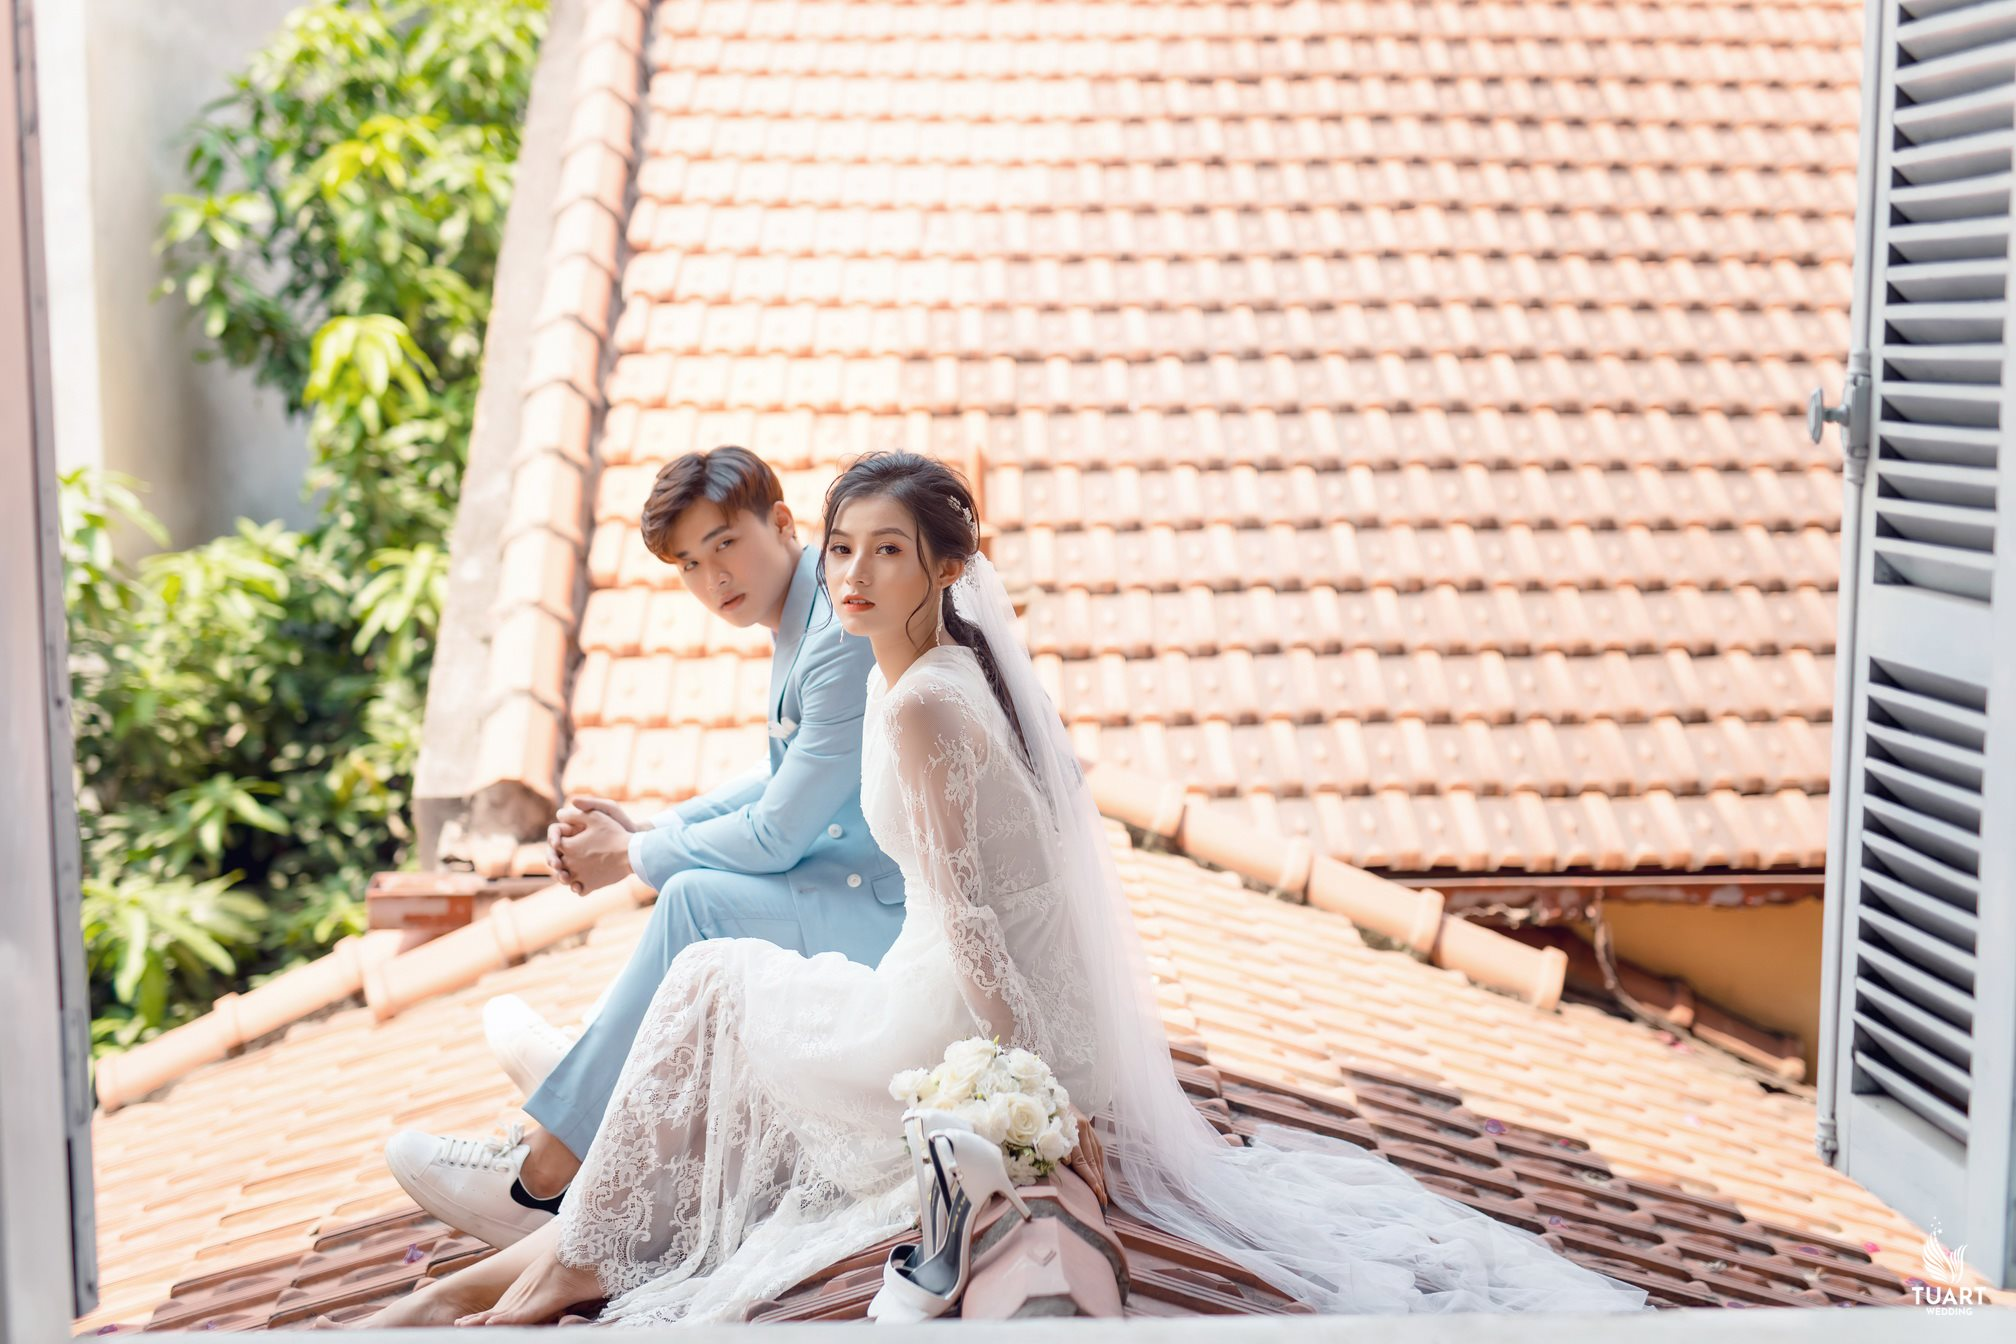 Album ảnh cưới đẹp Hà Nội 8